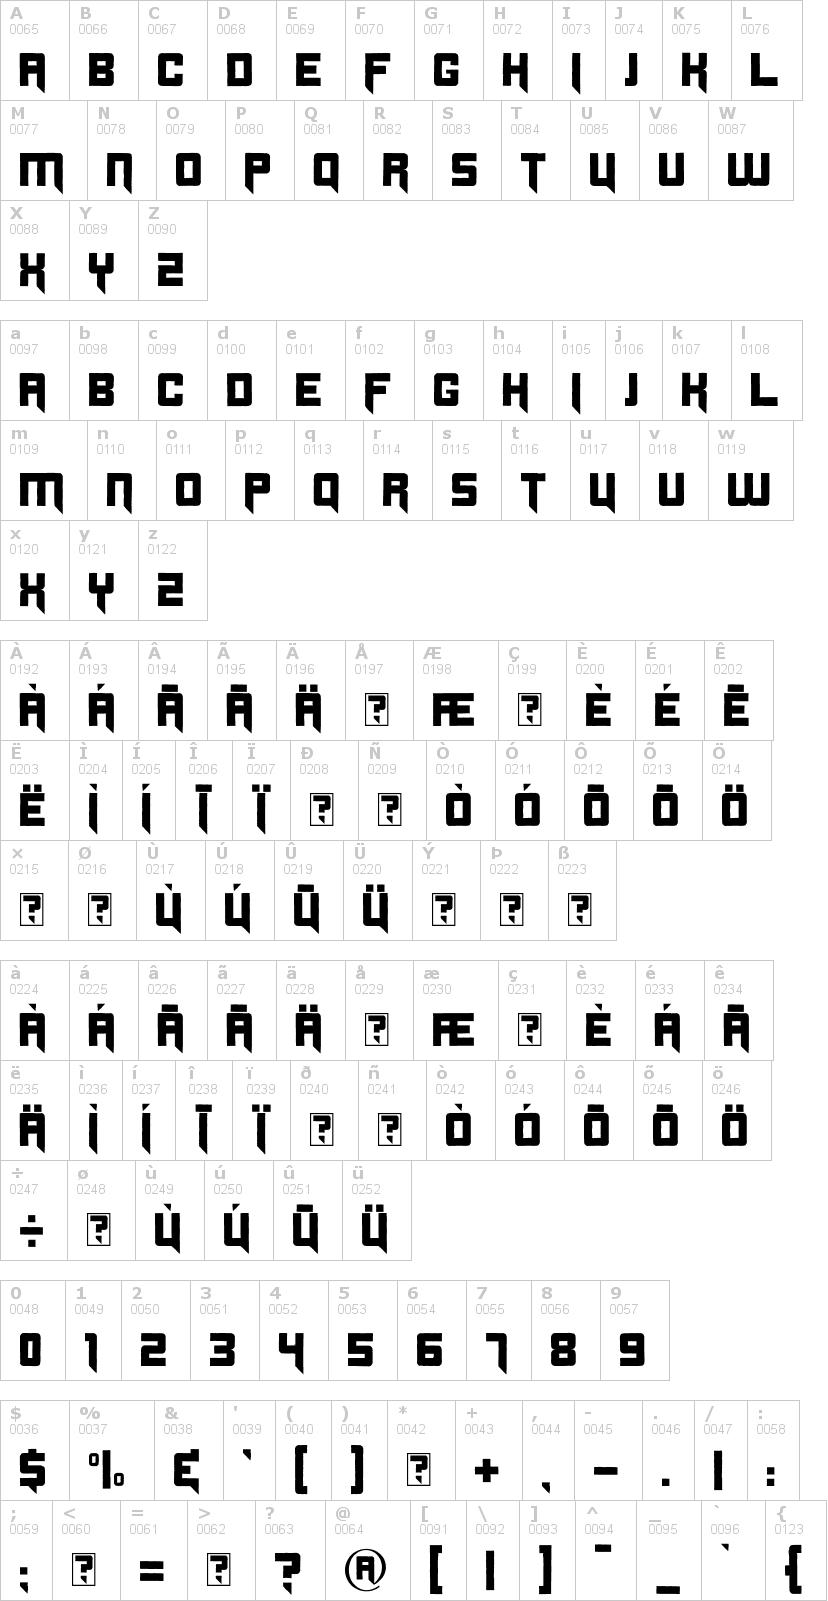 Lettere dell'alfabeto del font origicide con le quali è possibile realizzare adesivi prespaziati